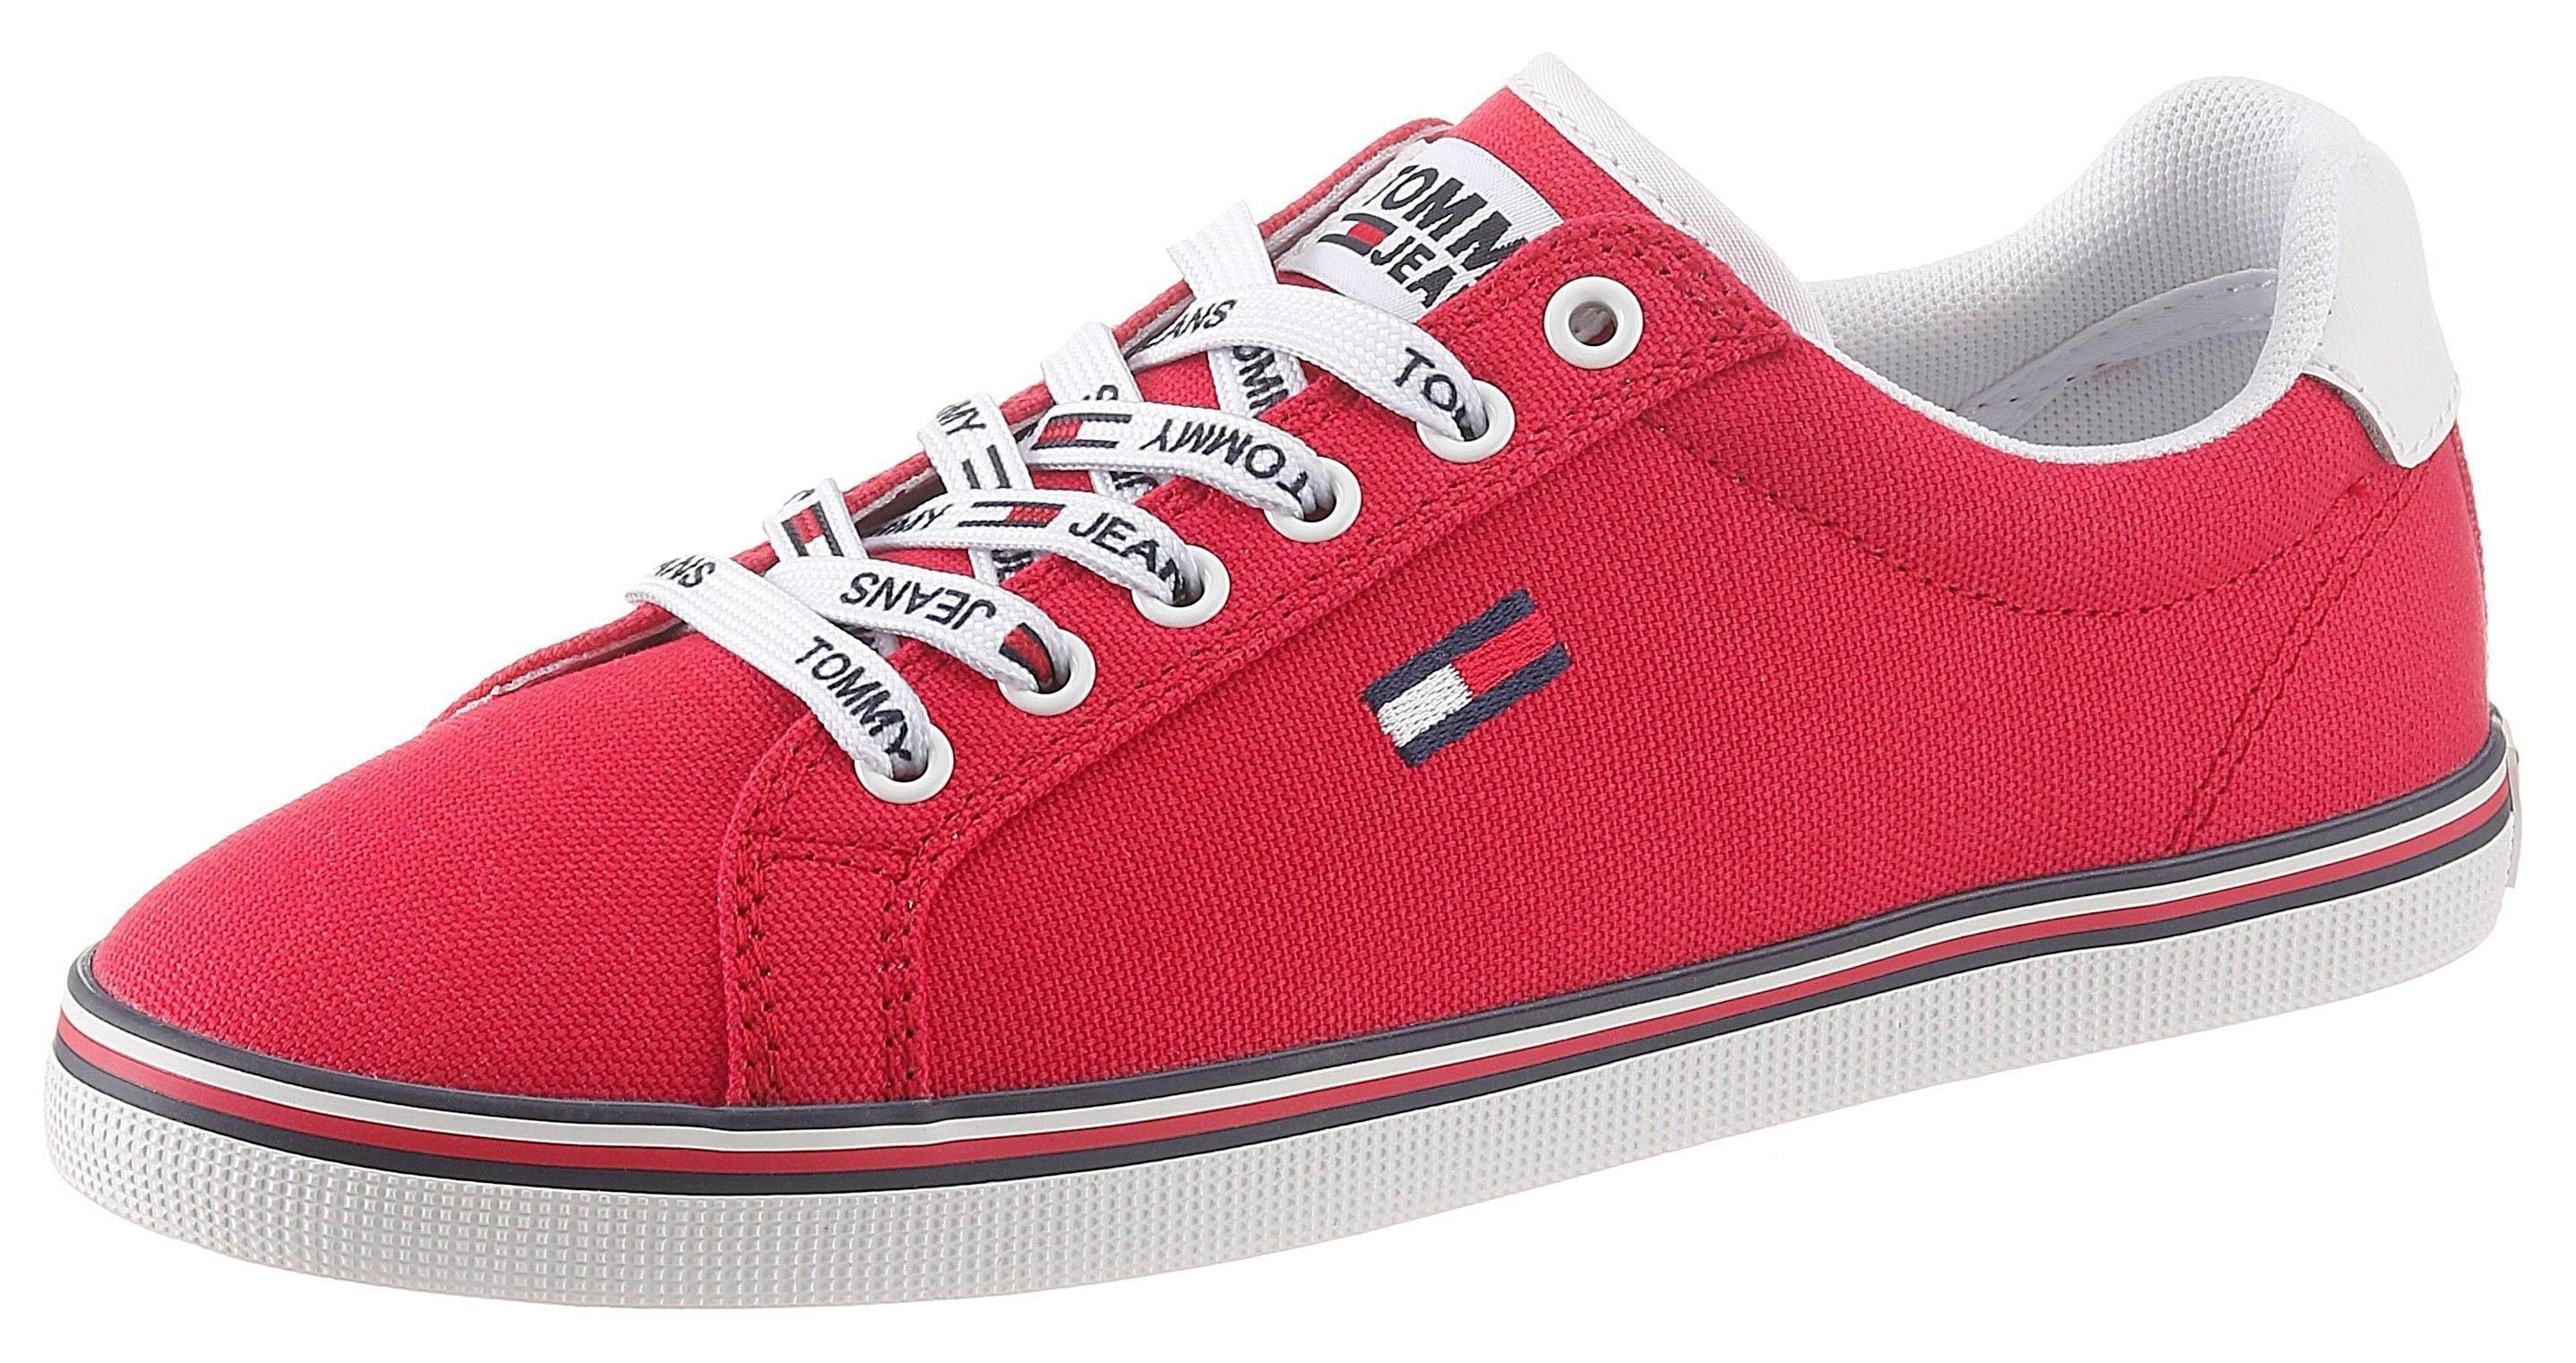 TOMMY JEANS sneakers ESSENTIAL LACE UP SNEAKER met logo-embleem bestellen: 30 dagen bedenktijd